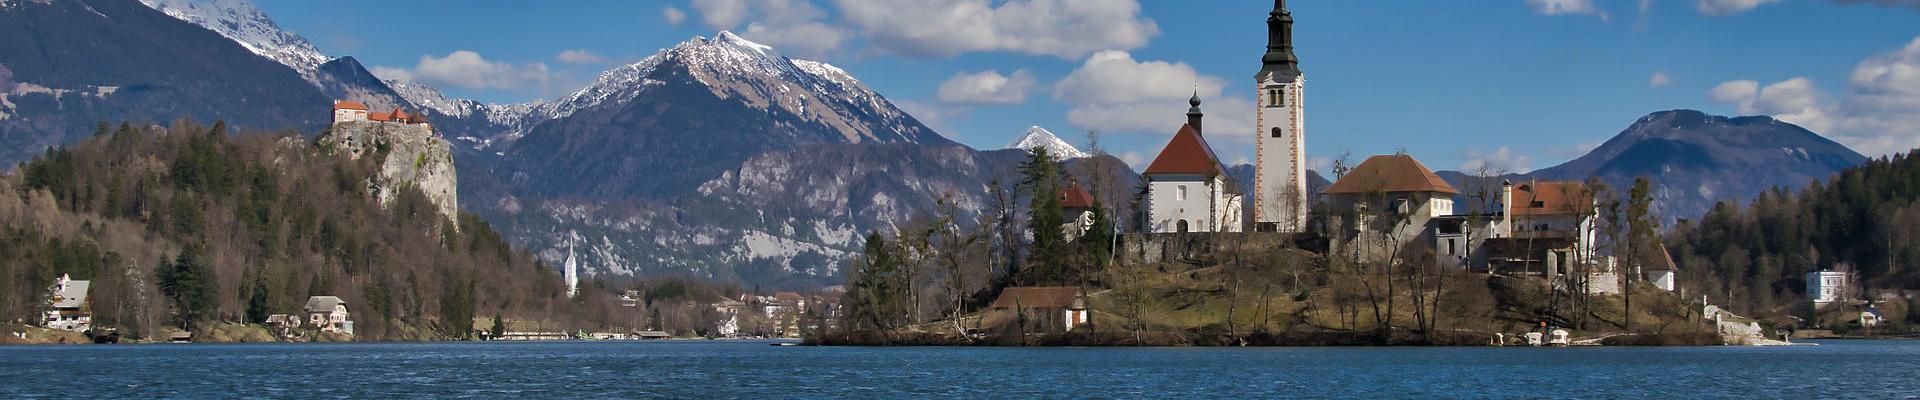 gemeinschaftlich Wohnen in Slowenien